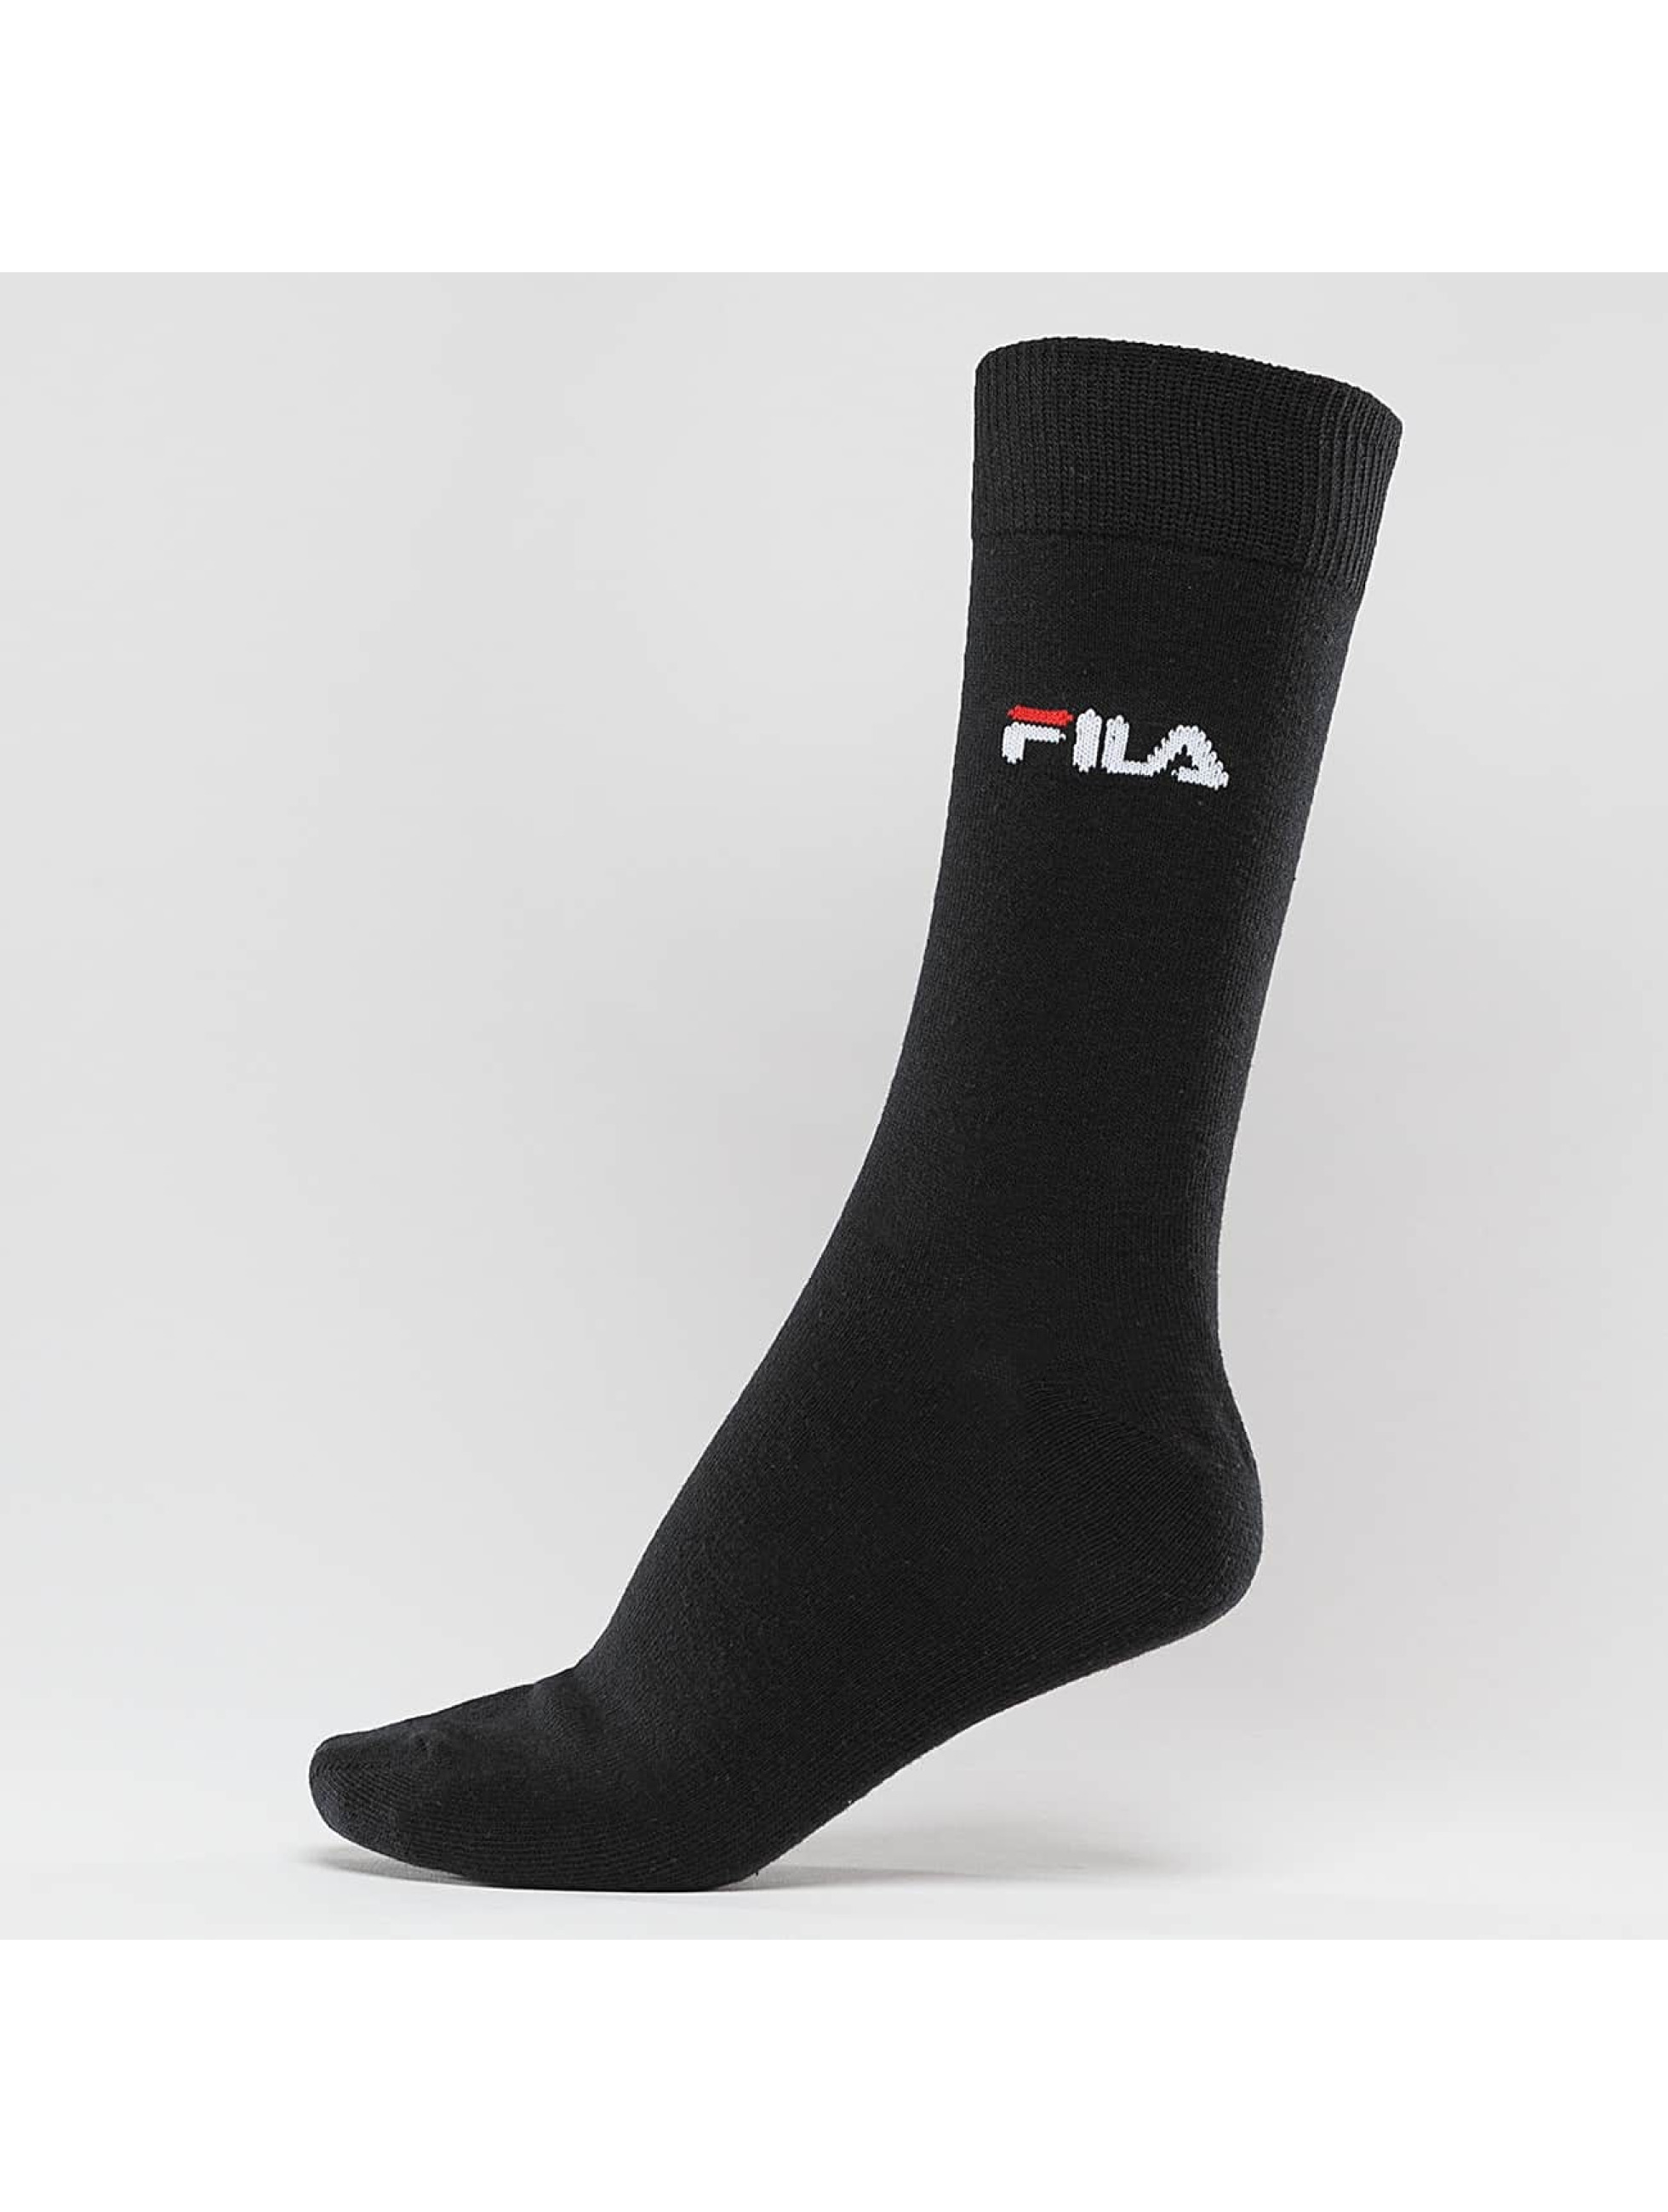 FILA Strømper 3-Pack blå